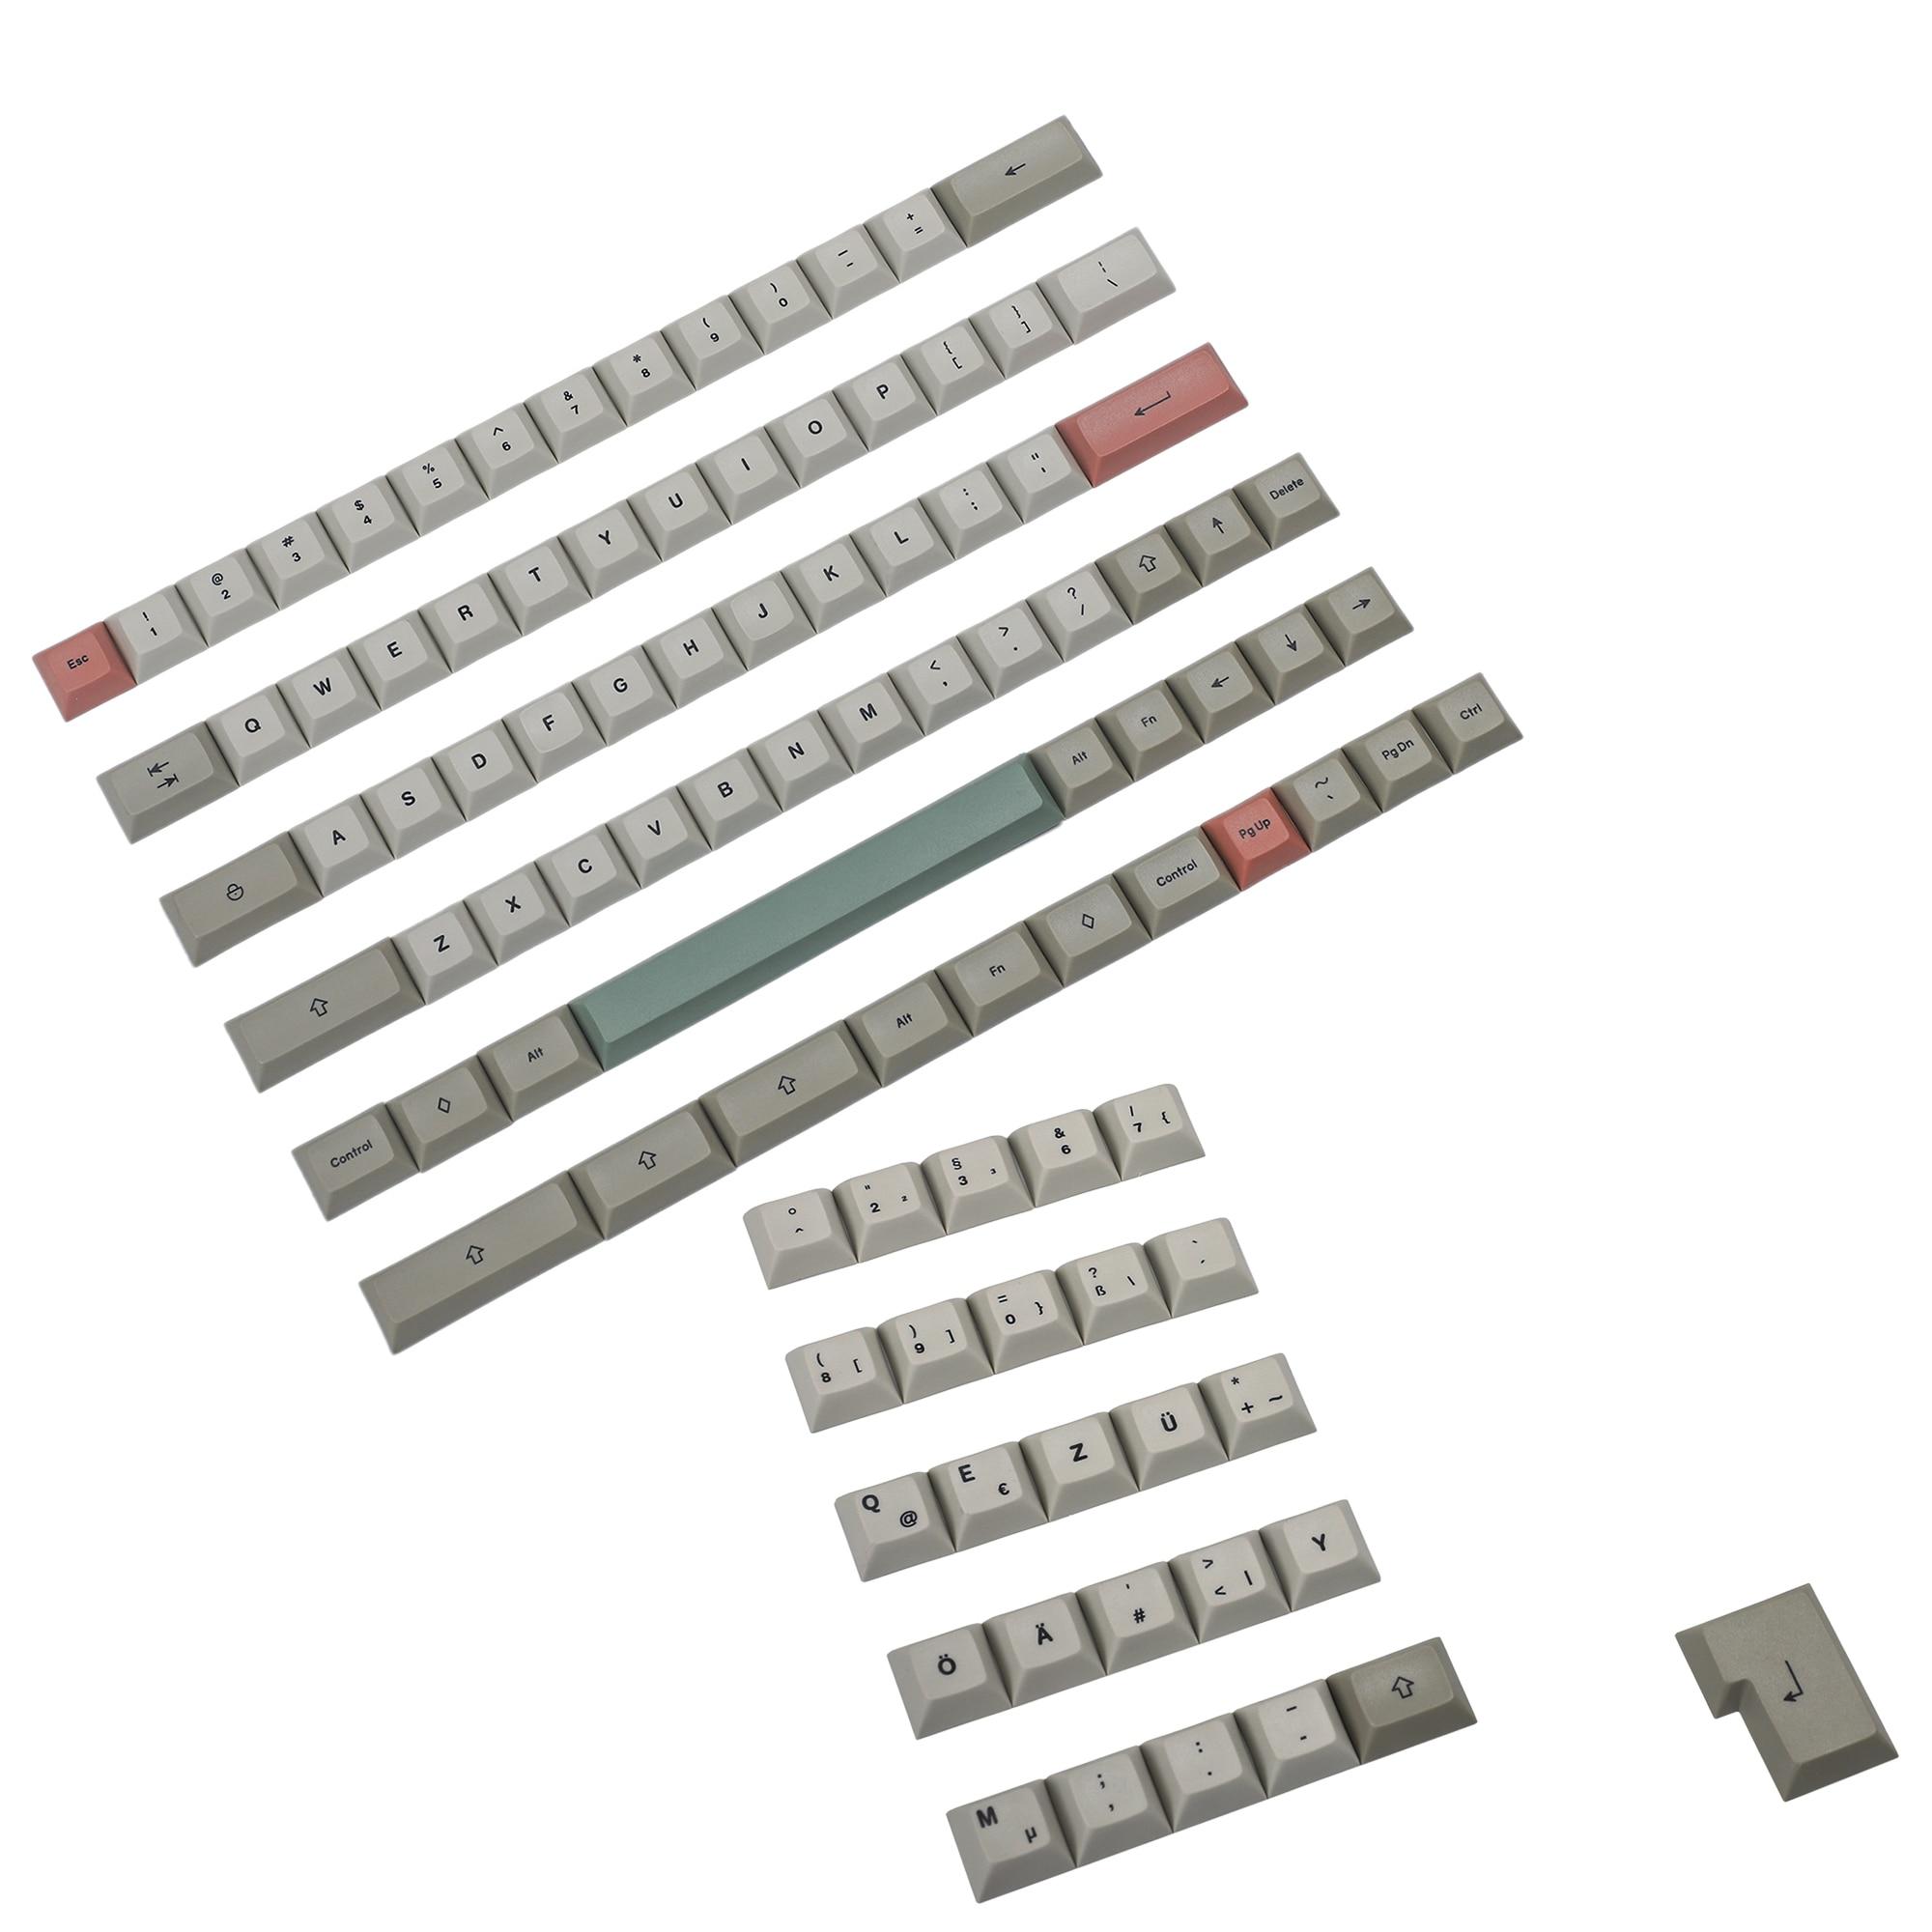 YMDK 61 64 68 DSA الشخصي 9009 صبغ الفرعية ANSI ISO ازرتي QWERTZ اسبانيا المملكة المتحدة الفرنسية الألمانية الايطالية Keyset PBT Keycap للوحة المفاتيح MX